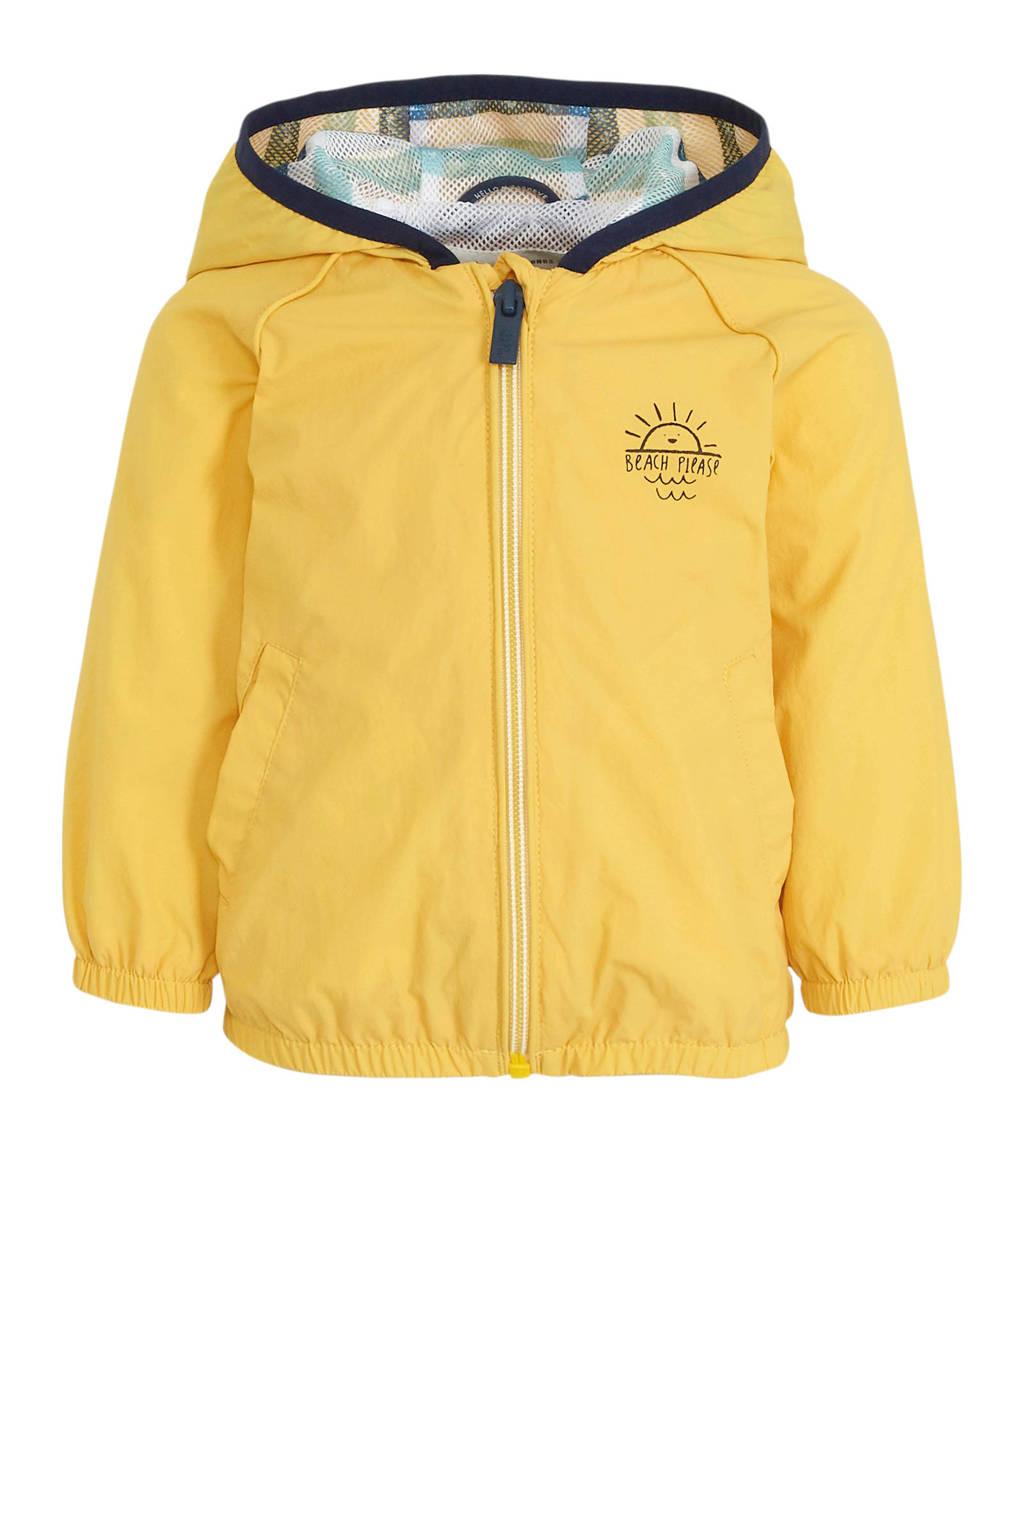 C&A Baby Club baby zomerjas met printopdruk geel, Geel